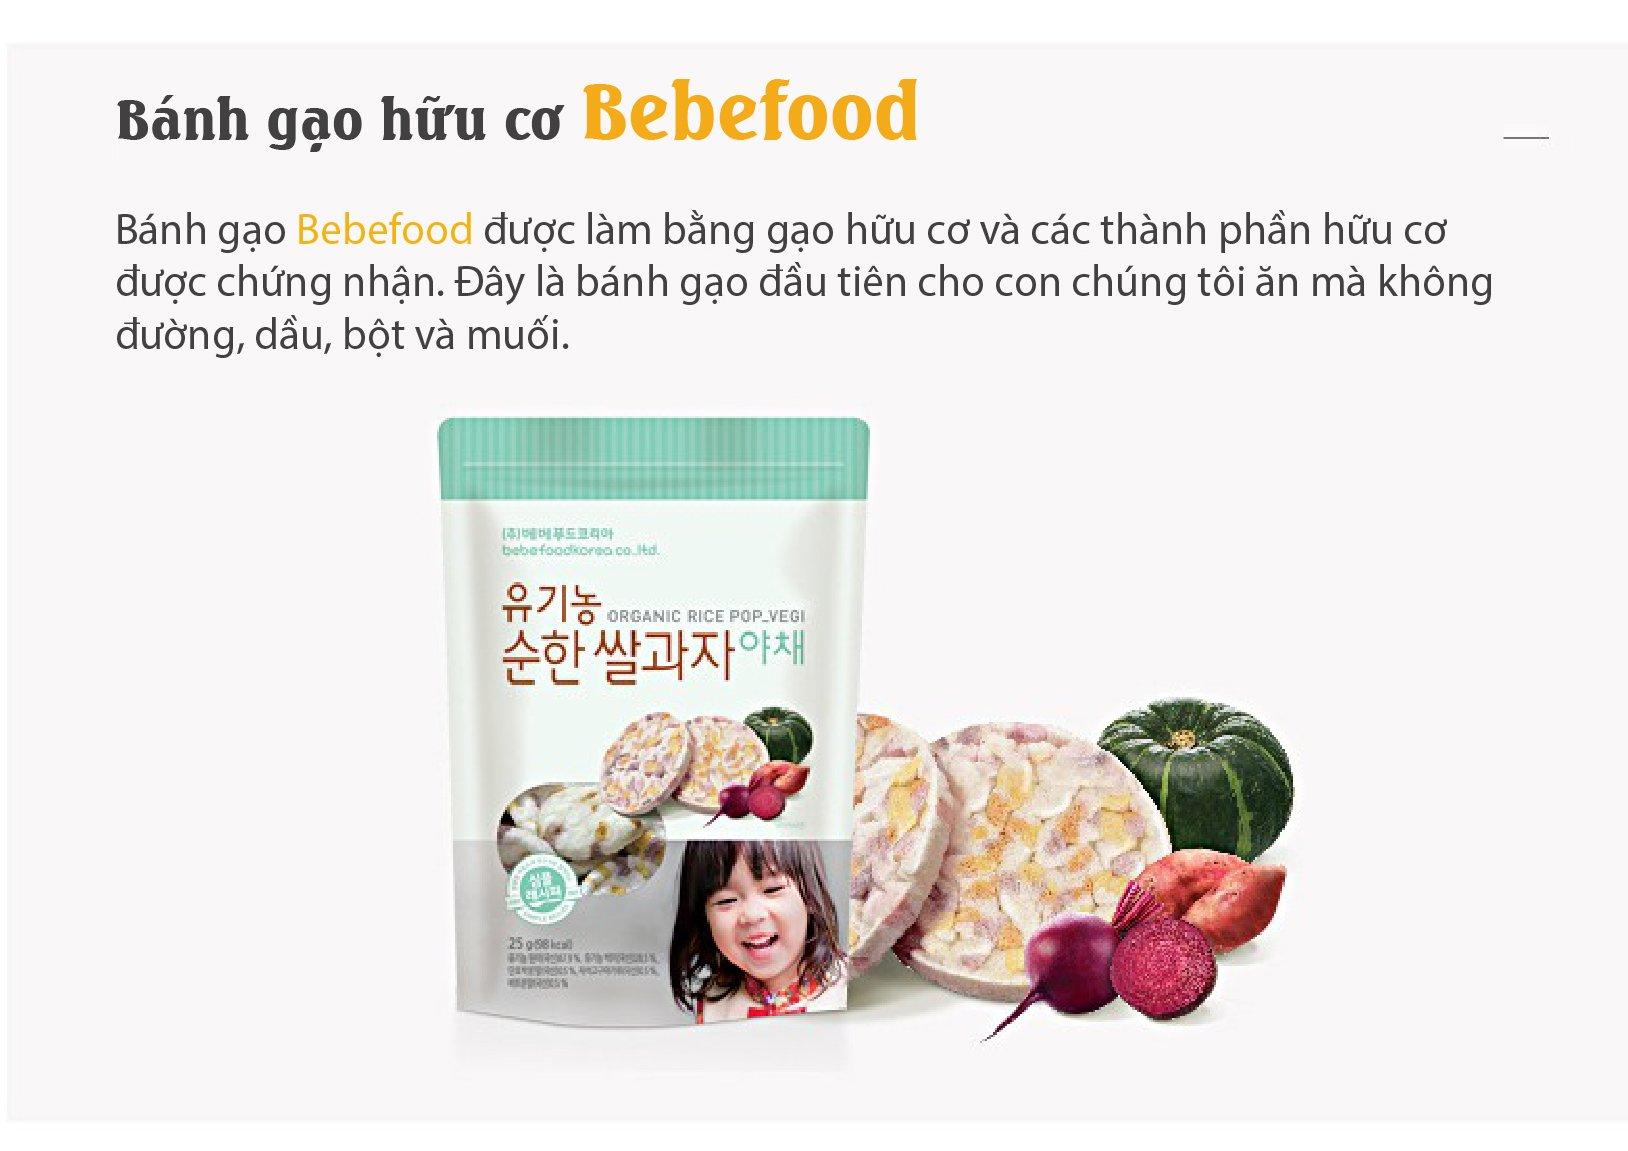 Bánh gạo ăn dặm hữu cơ Bebefood Hàn Quốc 4